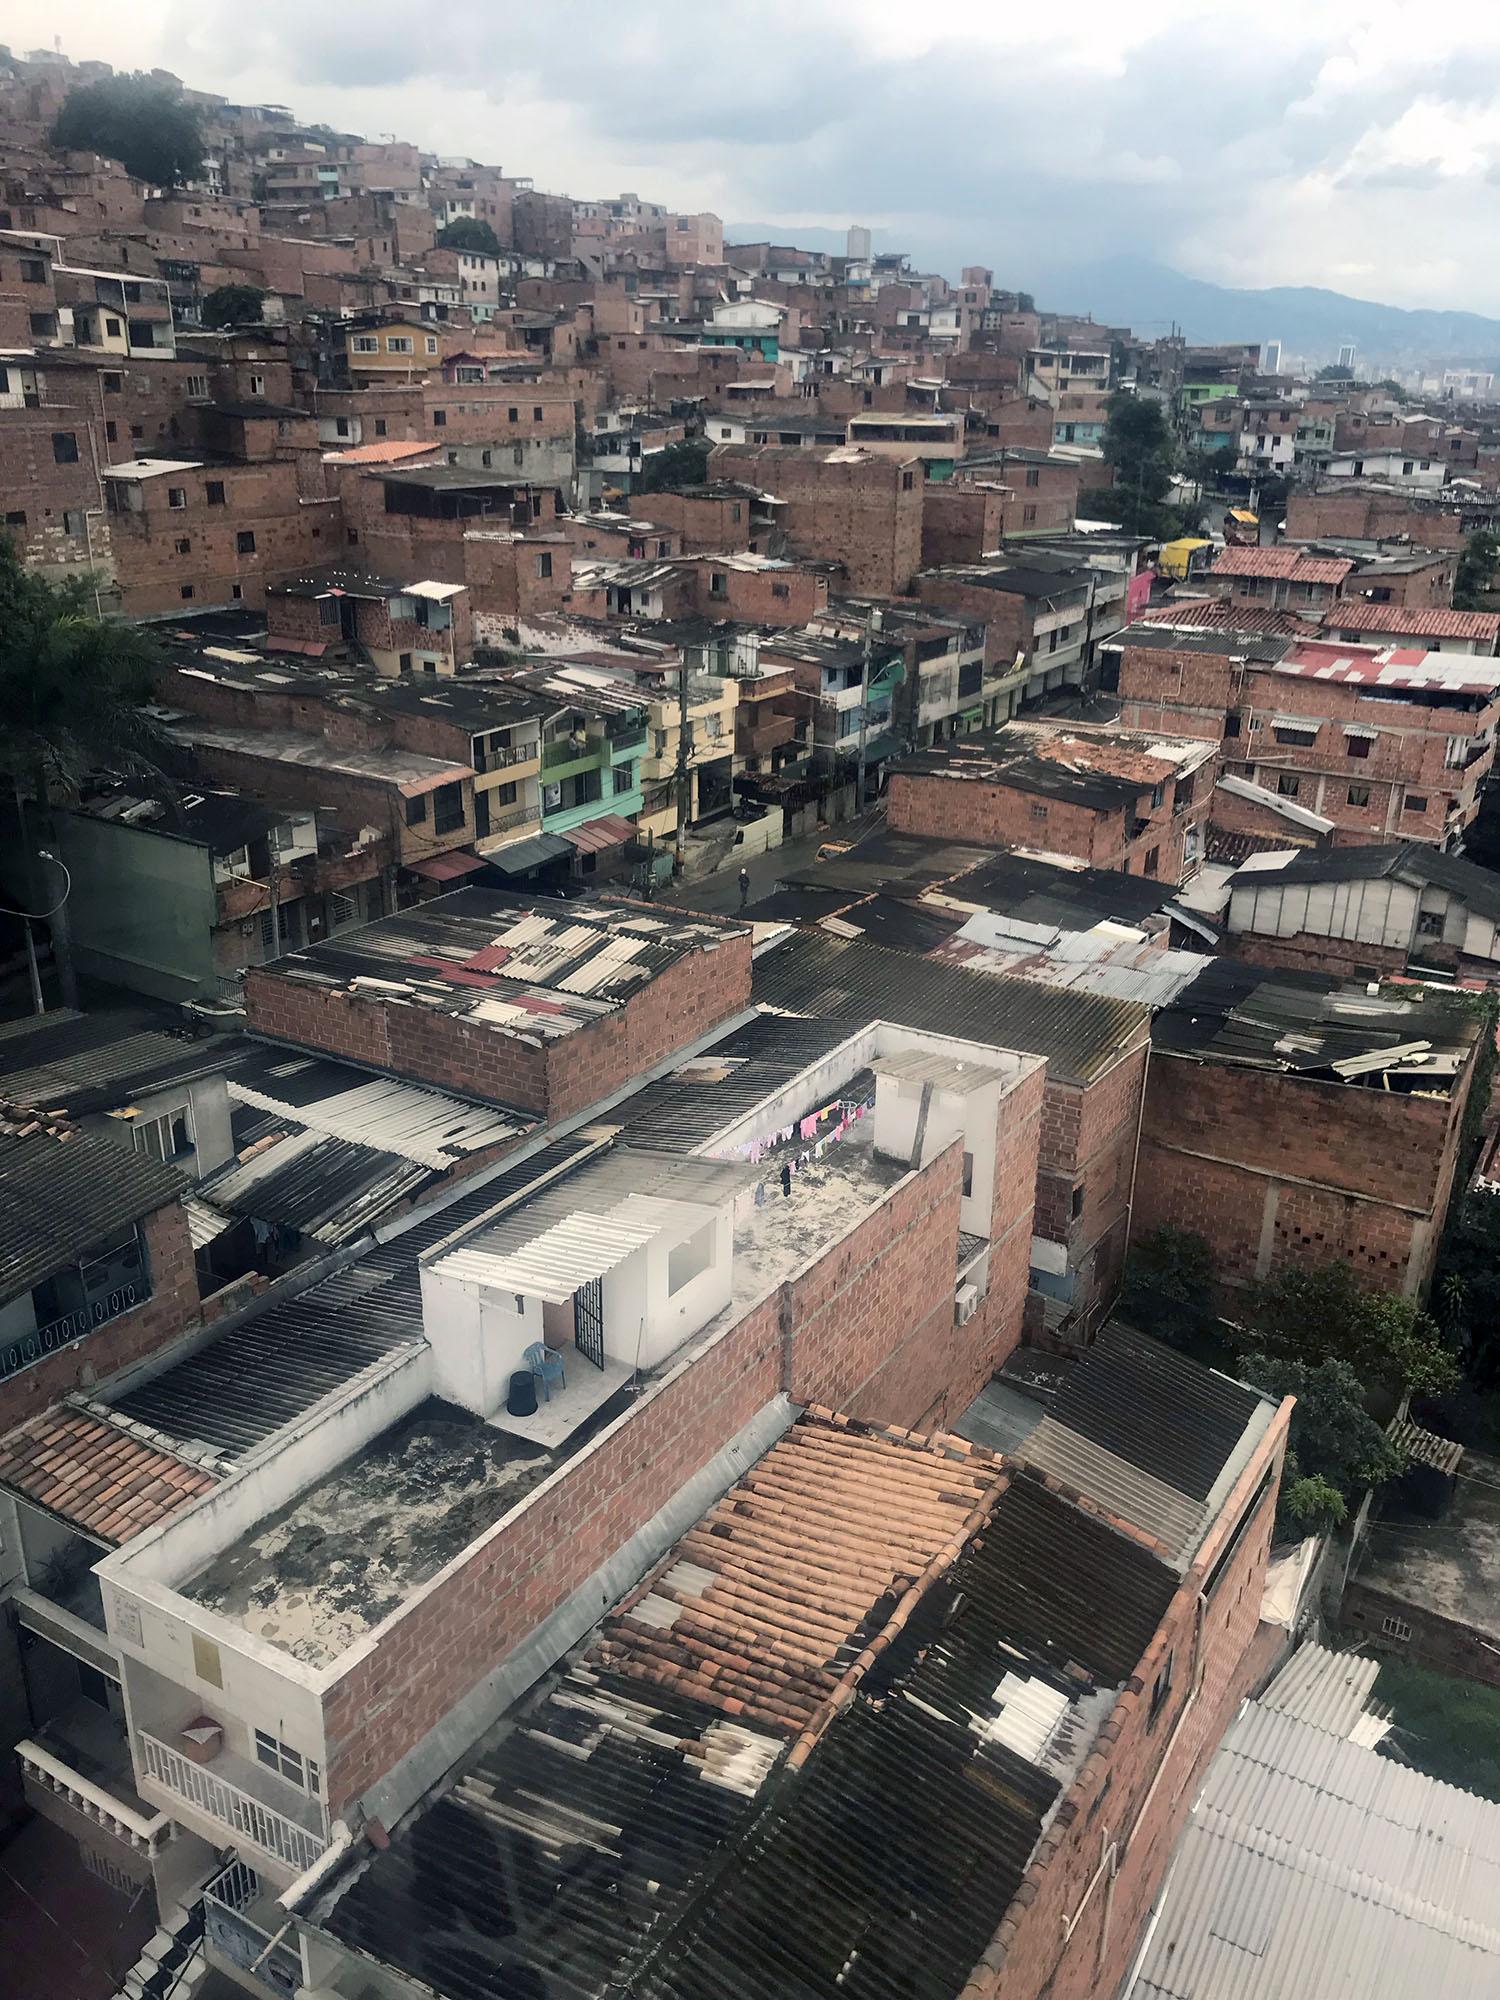 Buildings on the hillside of Medellin